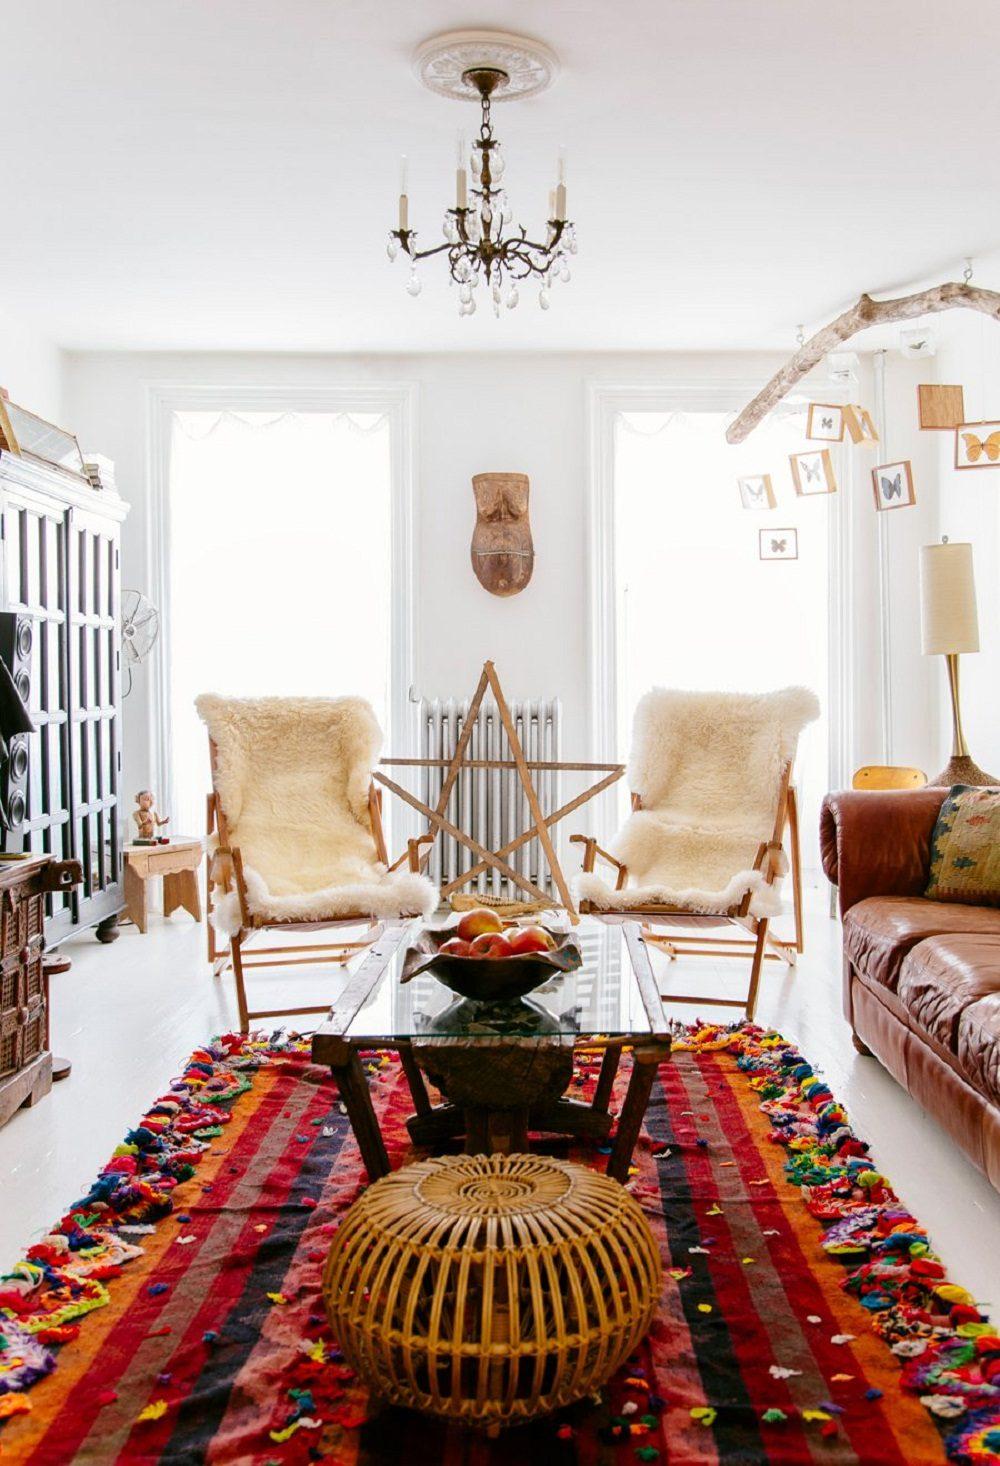 Thiết kế phòng khách phong cách Bohemian cực ấn tượng - 08